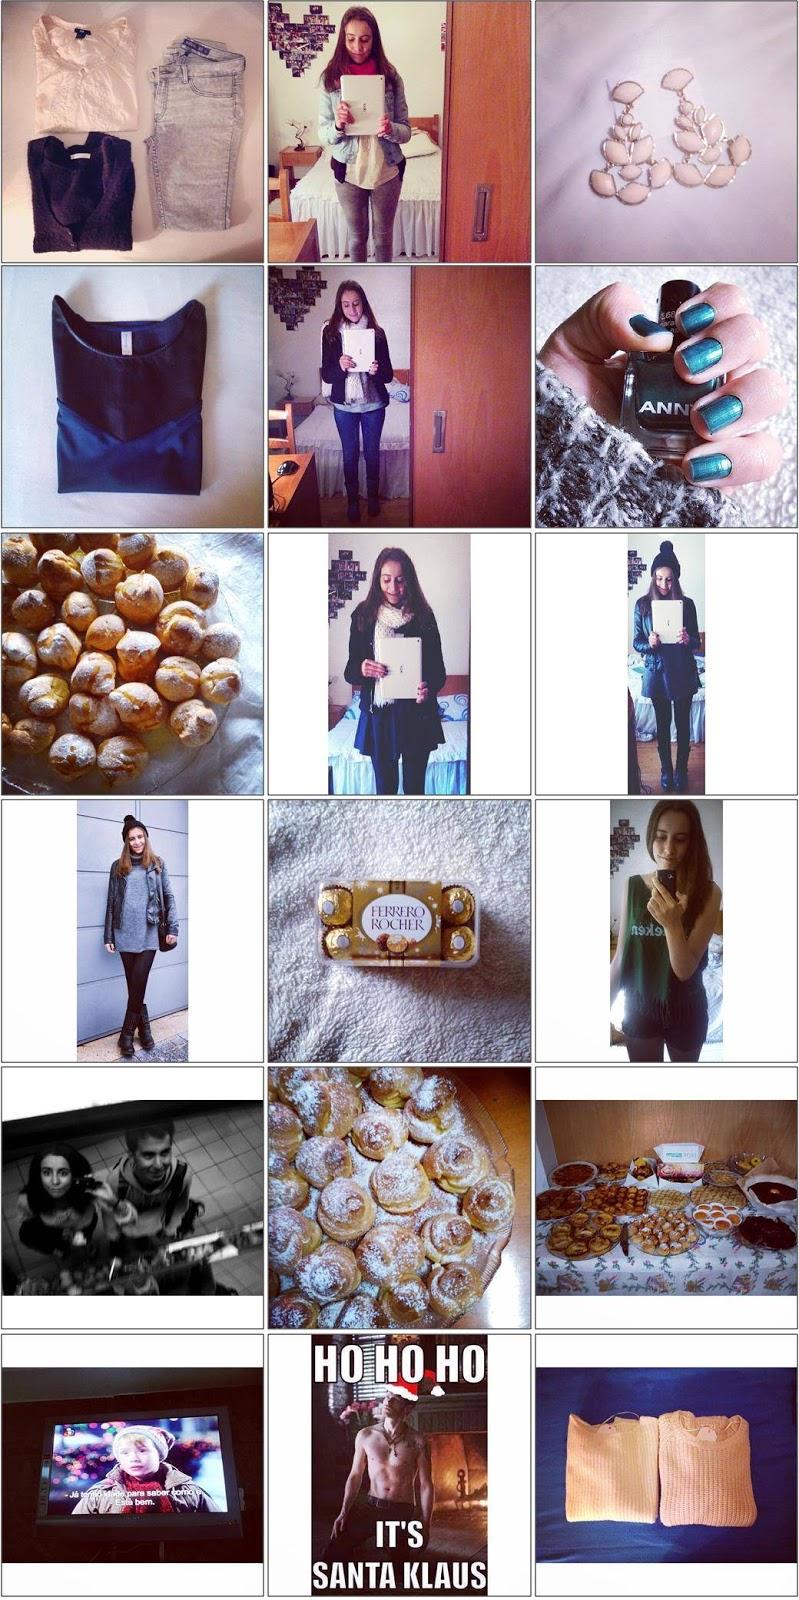 #6 my days through instagram